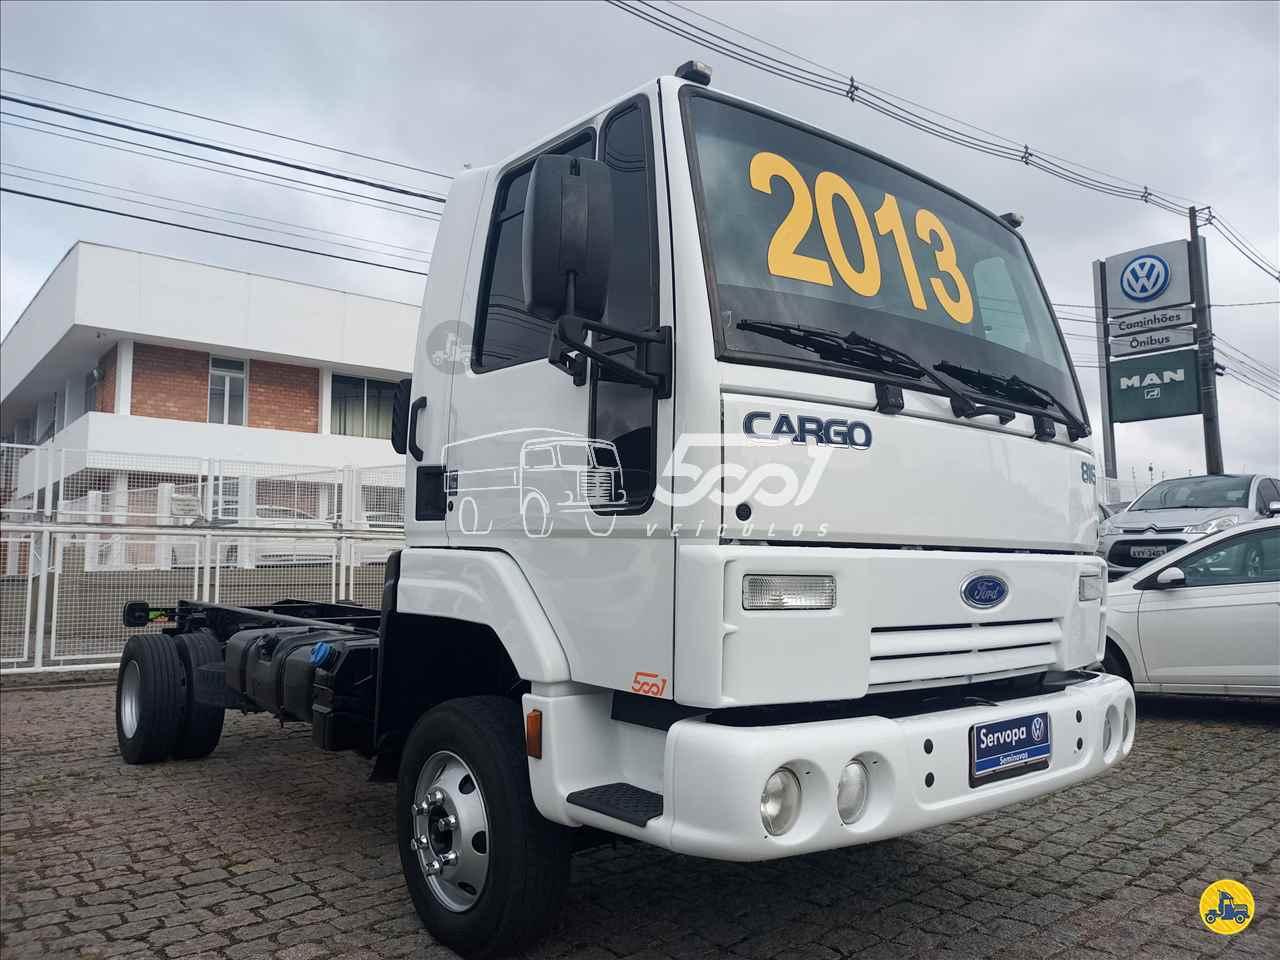 CARGO 816 de 5001 Veículos - Curitiba - CURITIBA/PR